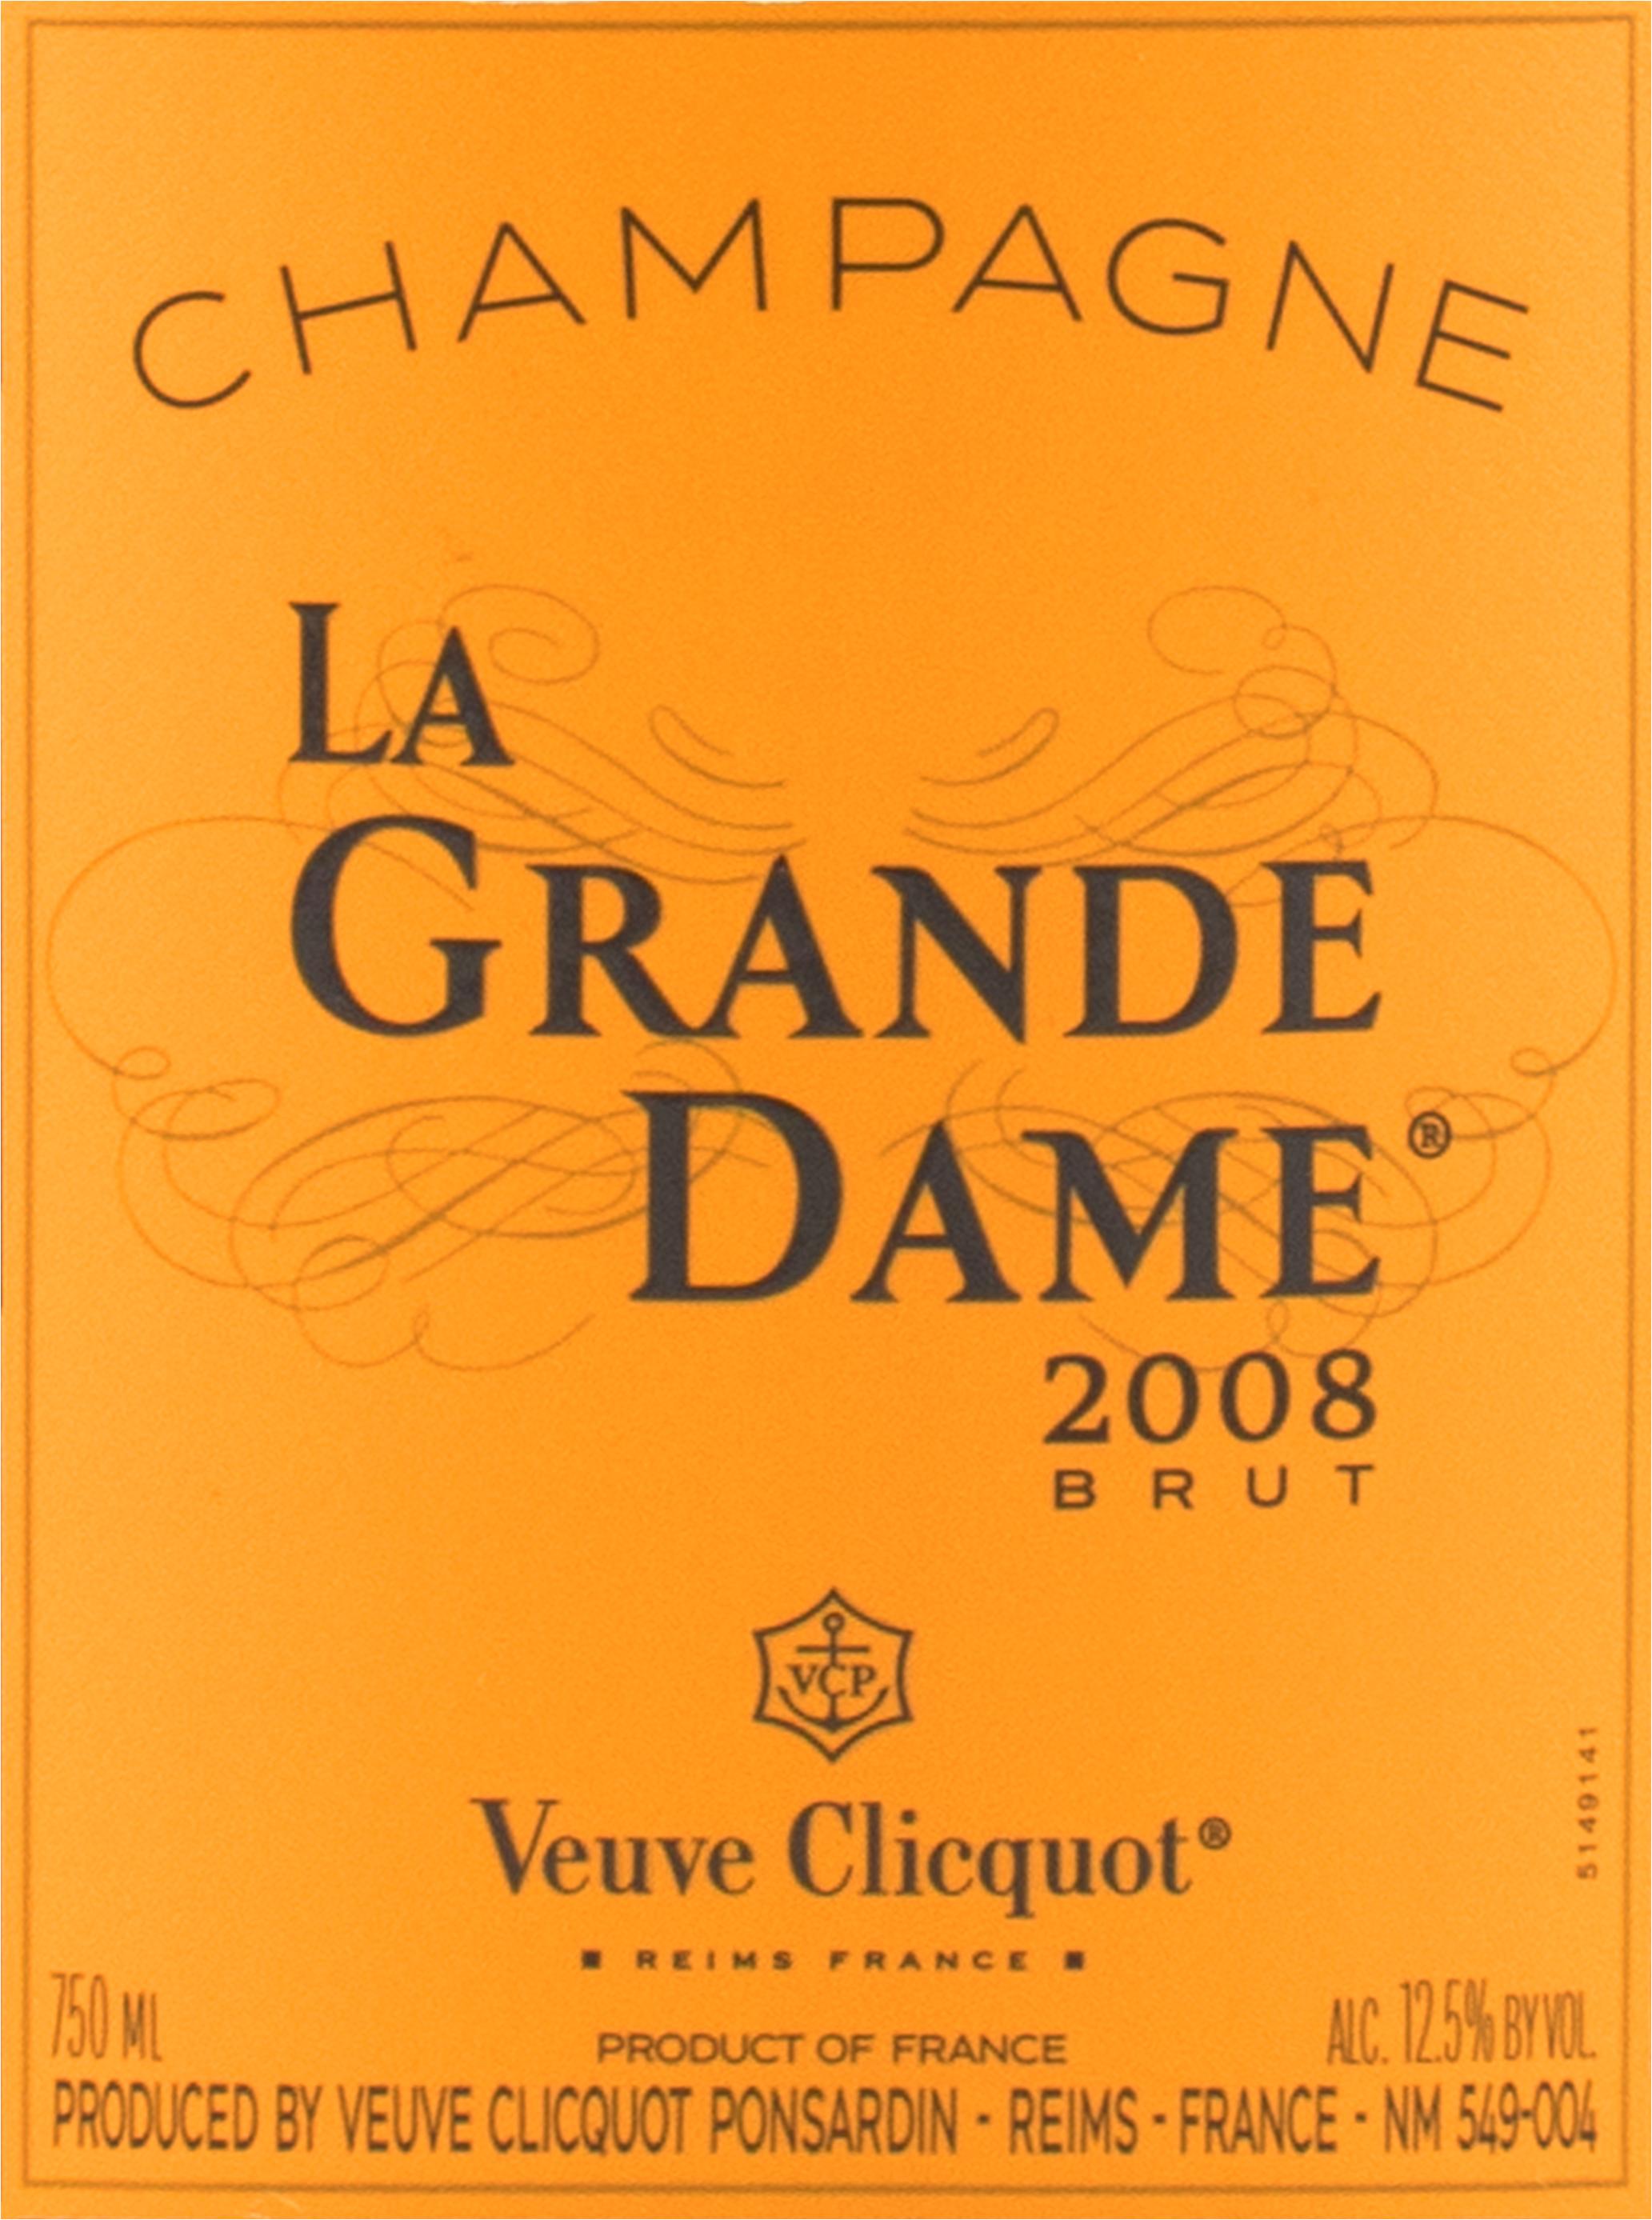 Veuve Clicquot La Grande Dame 2008